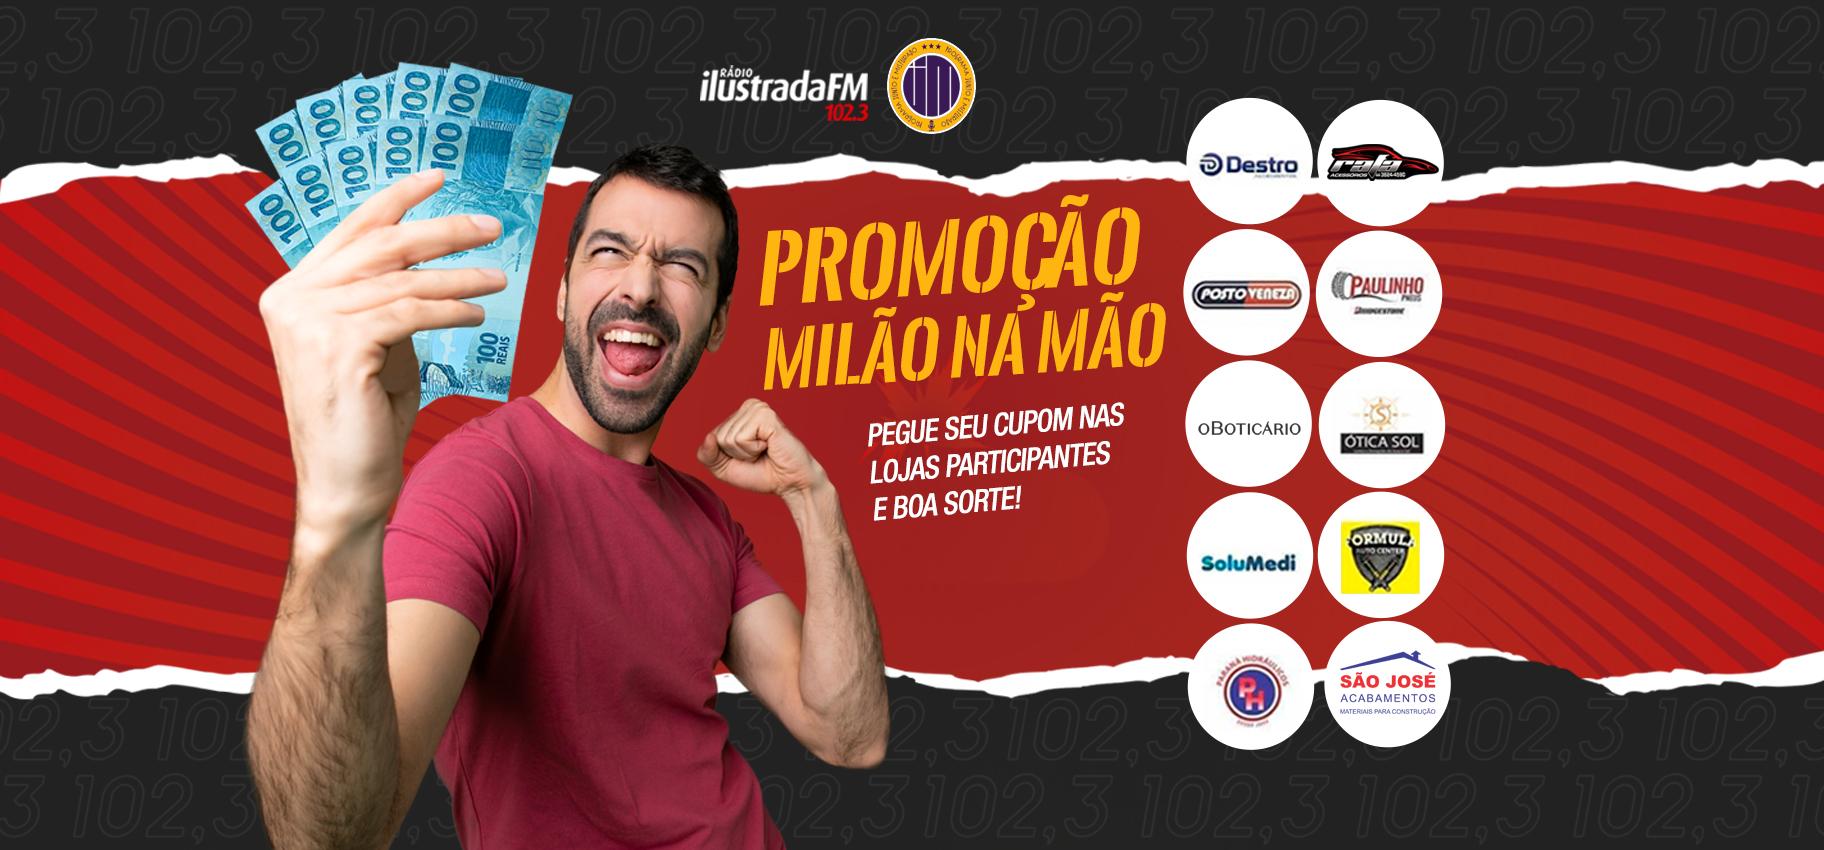 Promoção Milão na Mão Rádio Ilustrada FM